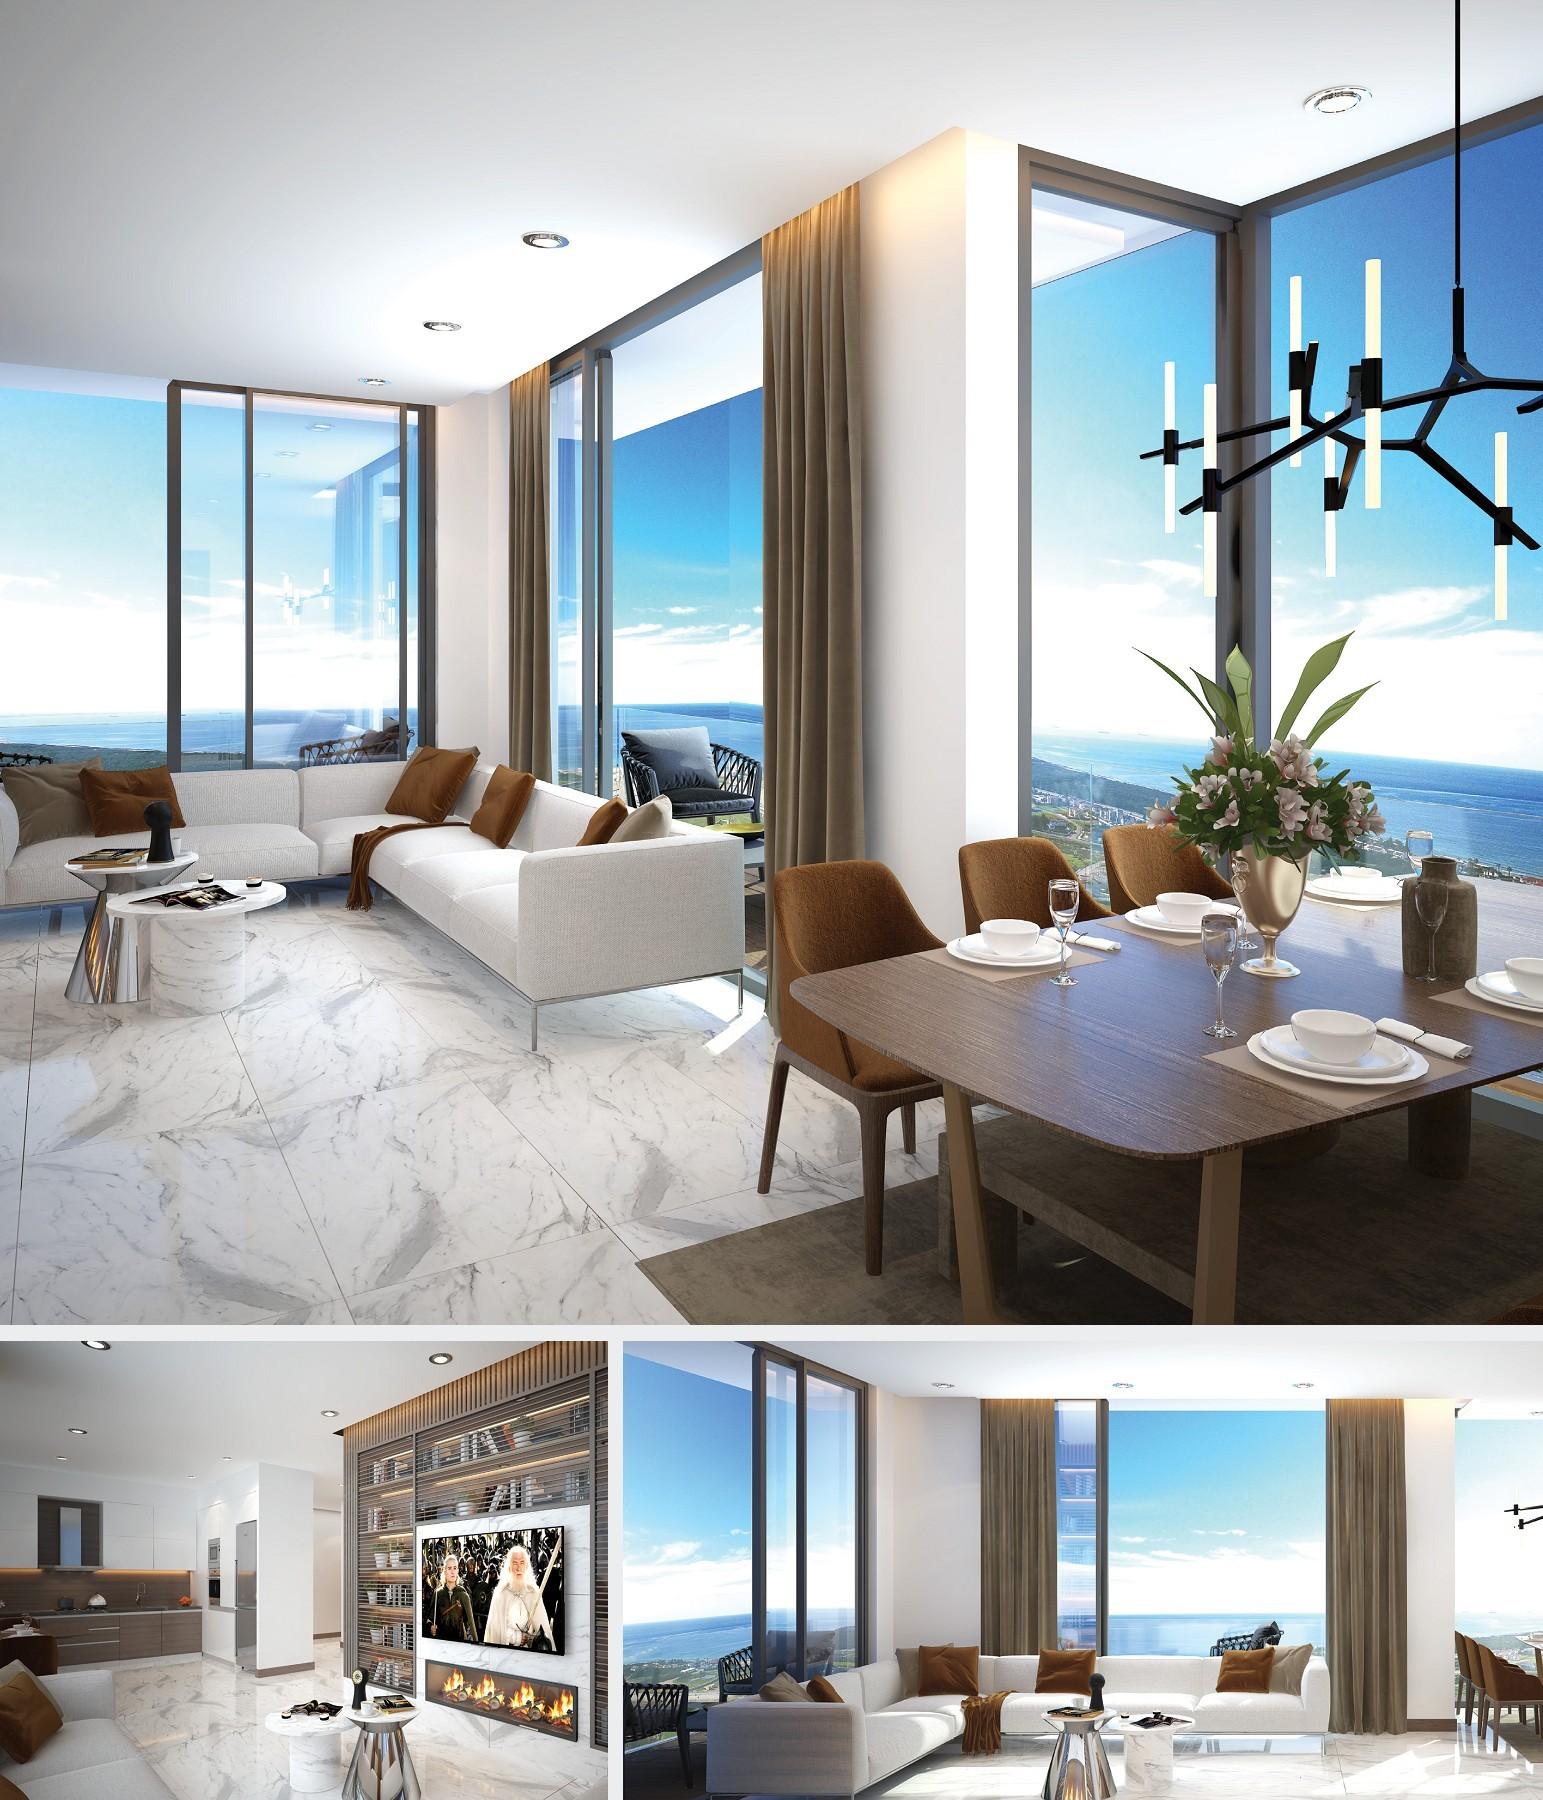 Grand Sapphire, Iskele, Middelhavet, feriebolig, strand, sol, Long Beach, pool, basseng, restaurant, utsikt